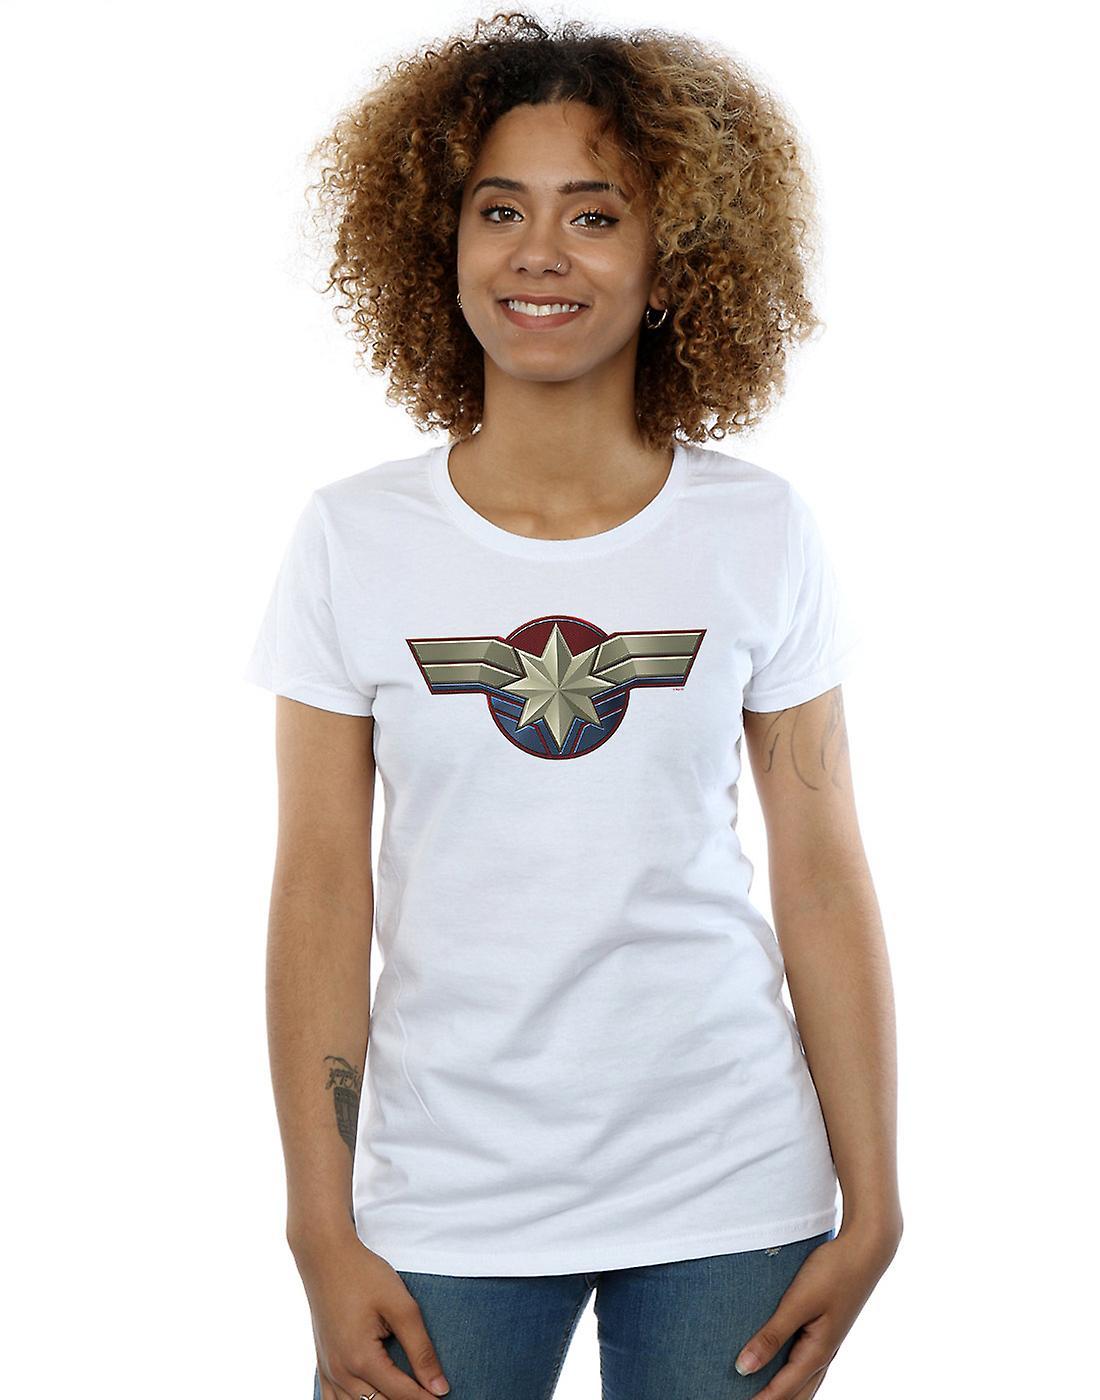 Marvel Women's Captain Marvel Chest Emblem T-Shirt